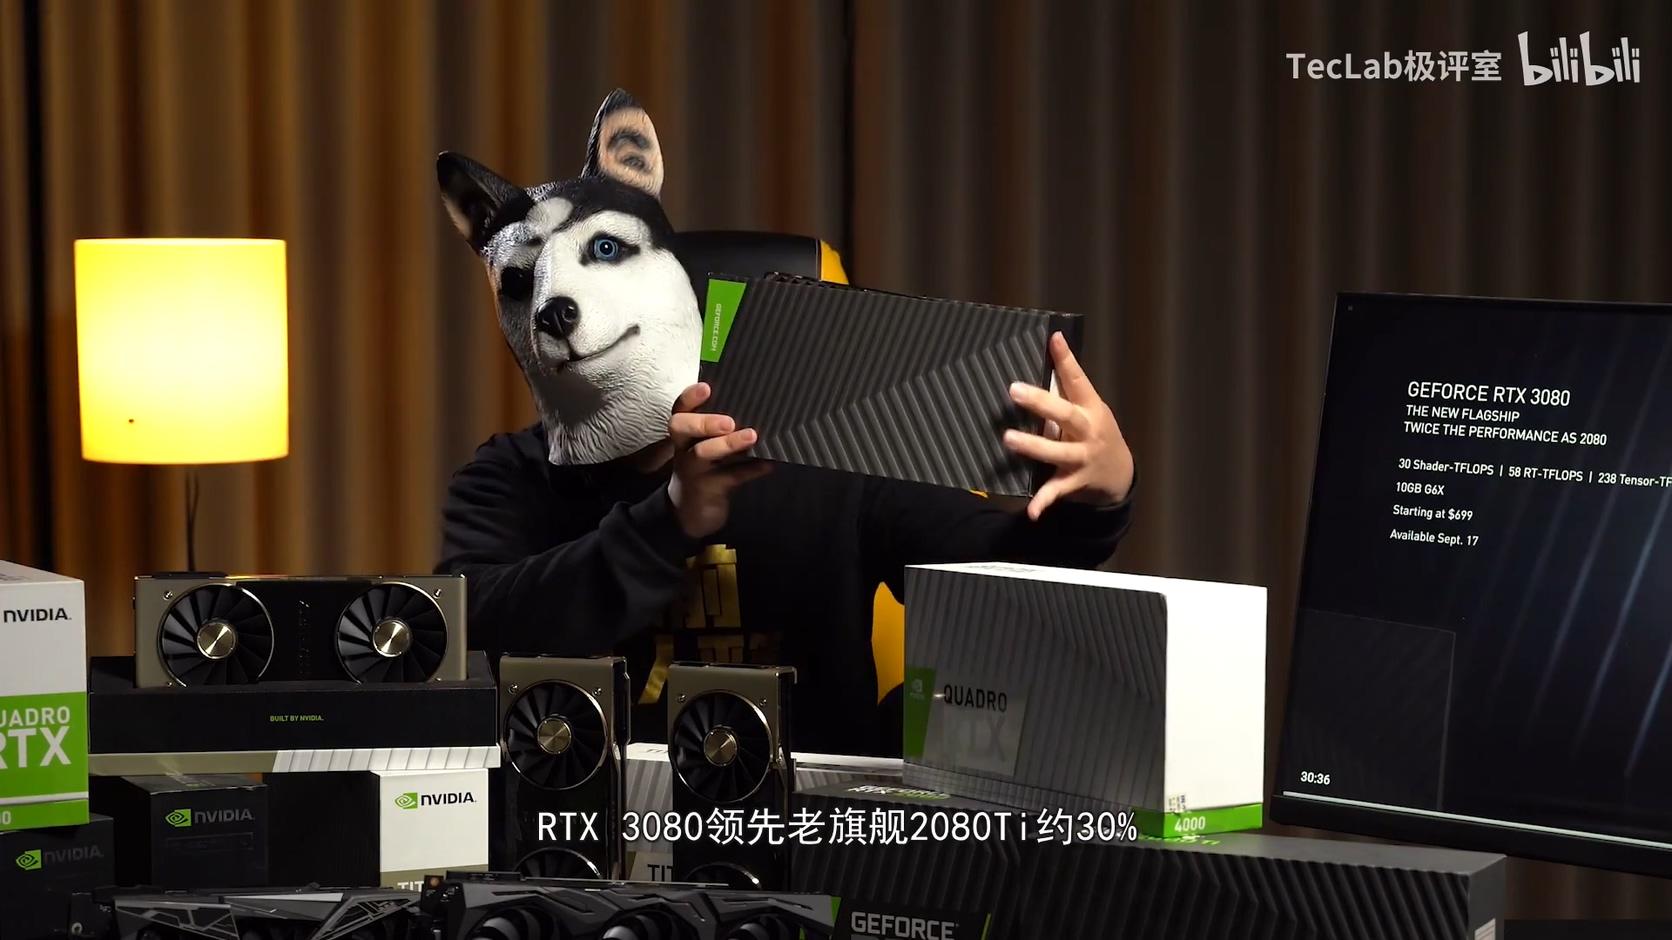 RTX 3080首个4K游戏性能数据泄露 比2080 Super提升了50%